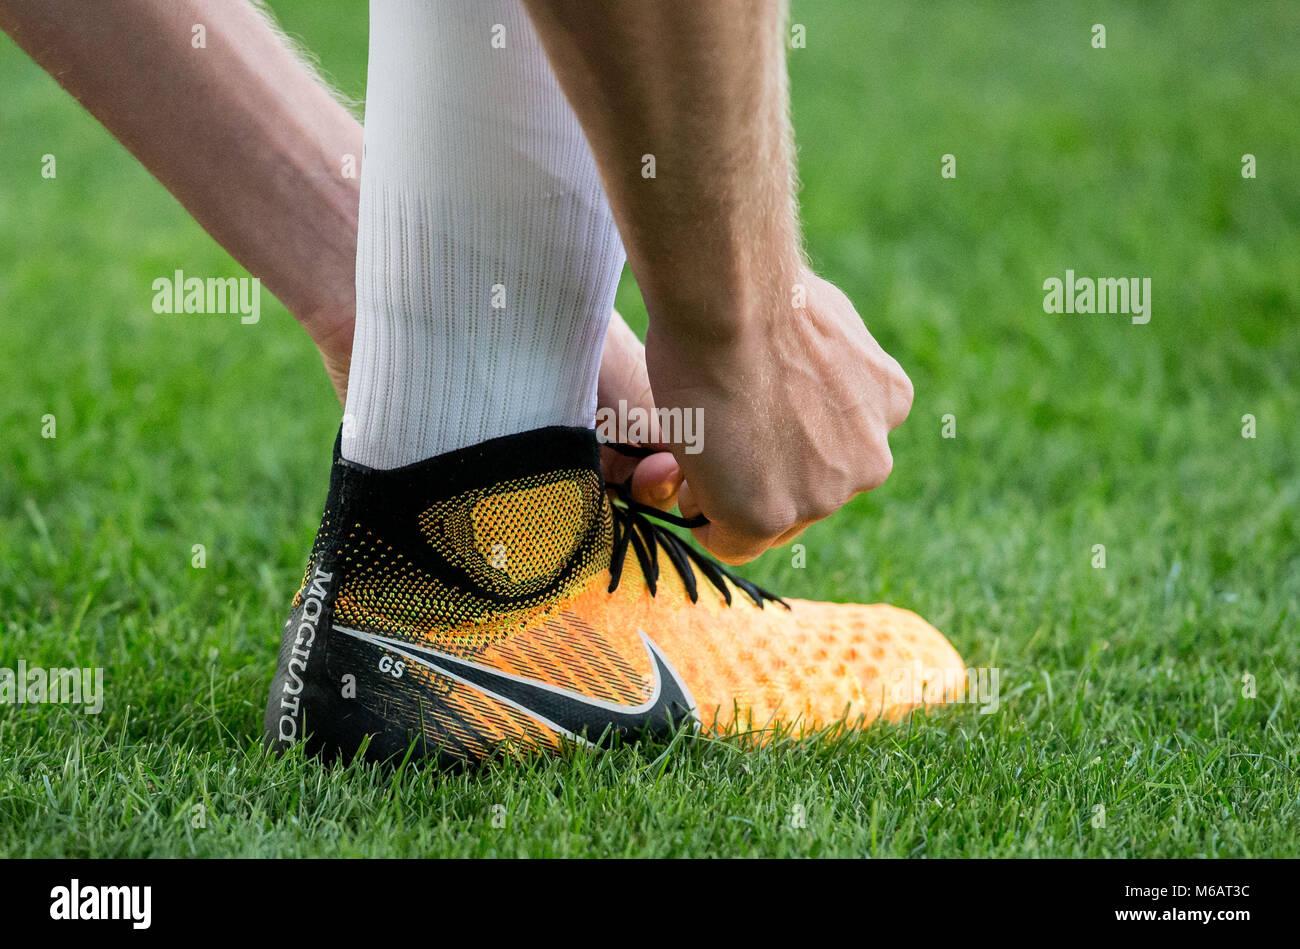 Gylfi Sigurosson Von Swansea City Personalisierte Nike